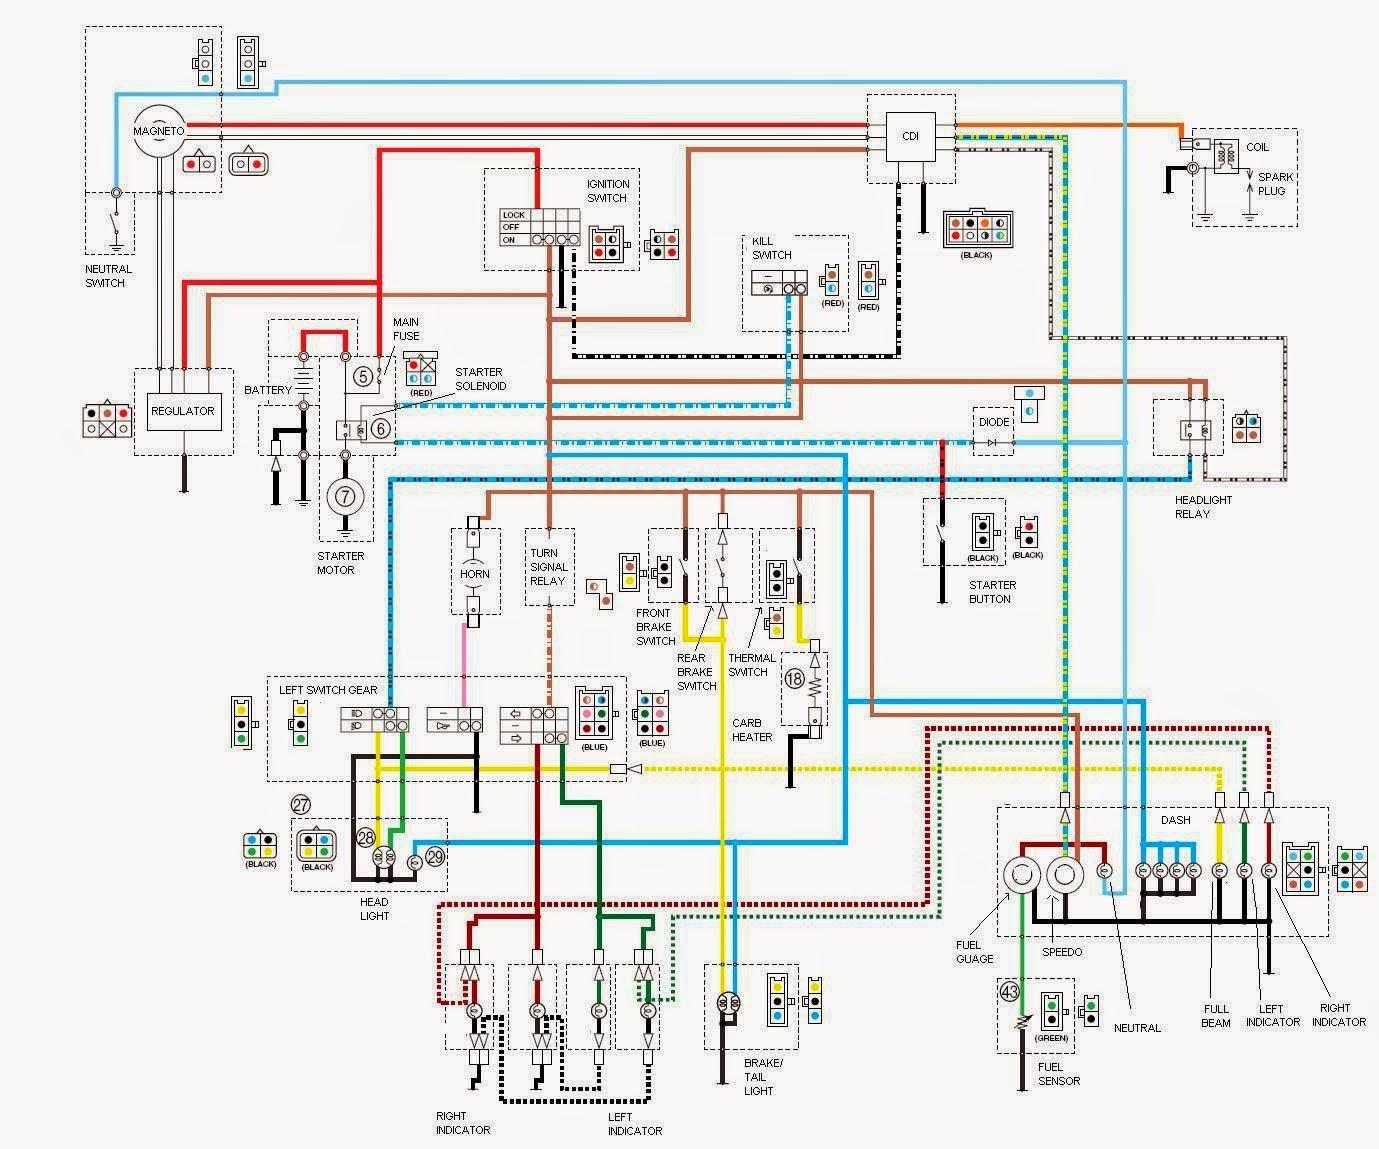 Kokusan Denki Cdi Wiring Diagram